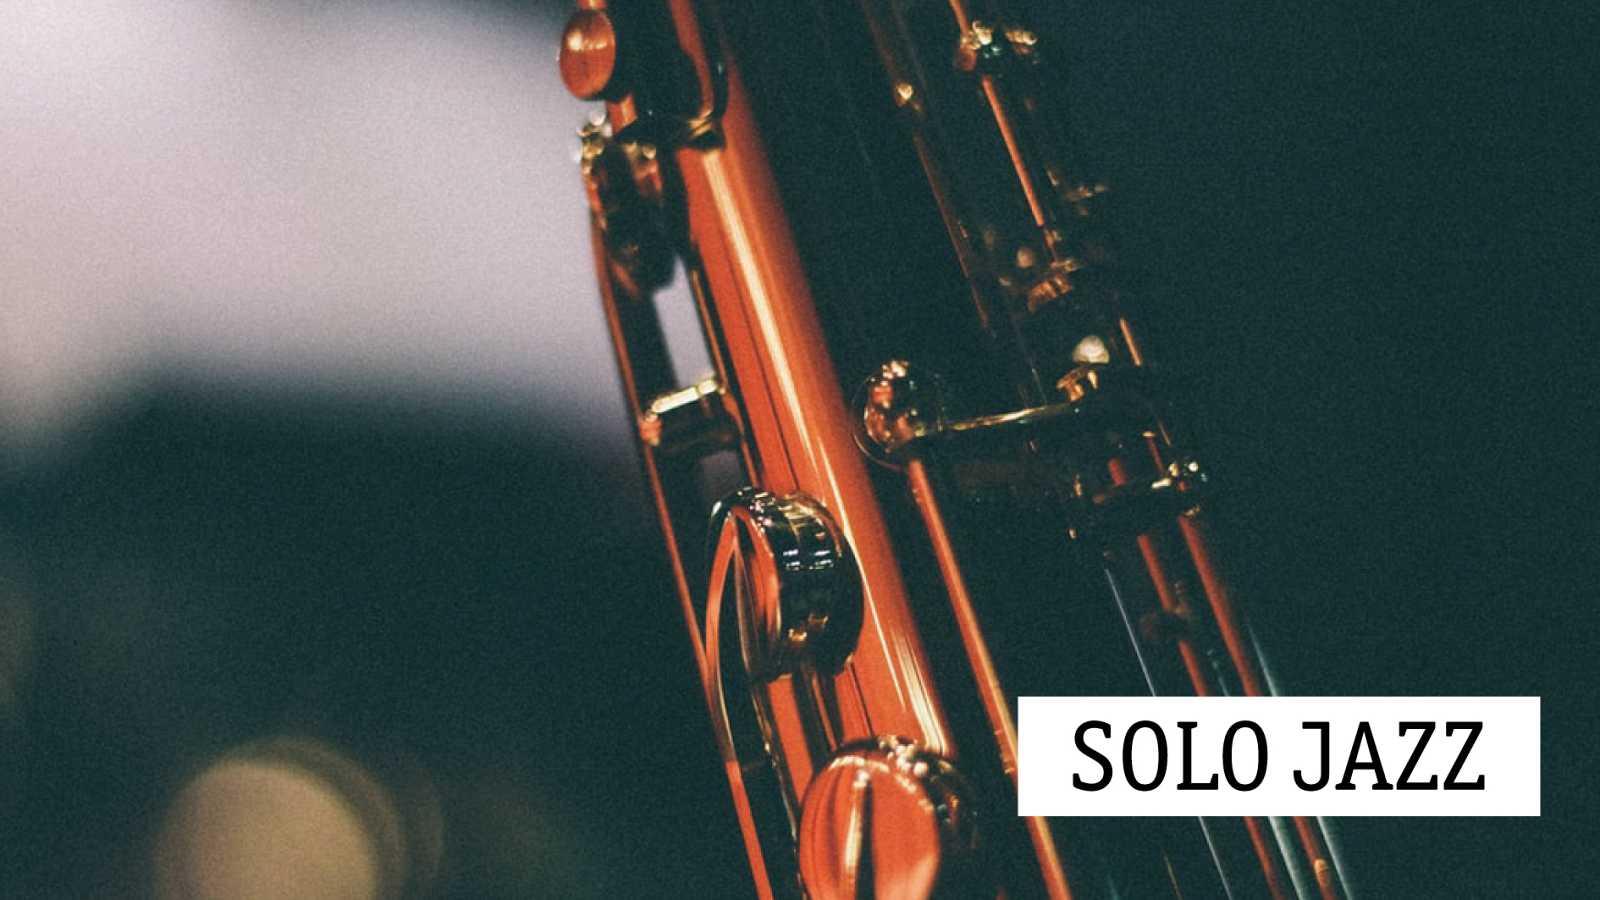 Solo Jazz - Siempre nos quedará Charlie Haden - 09/10/20 - escuchar ahora